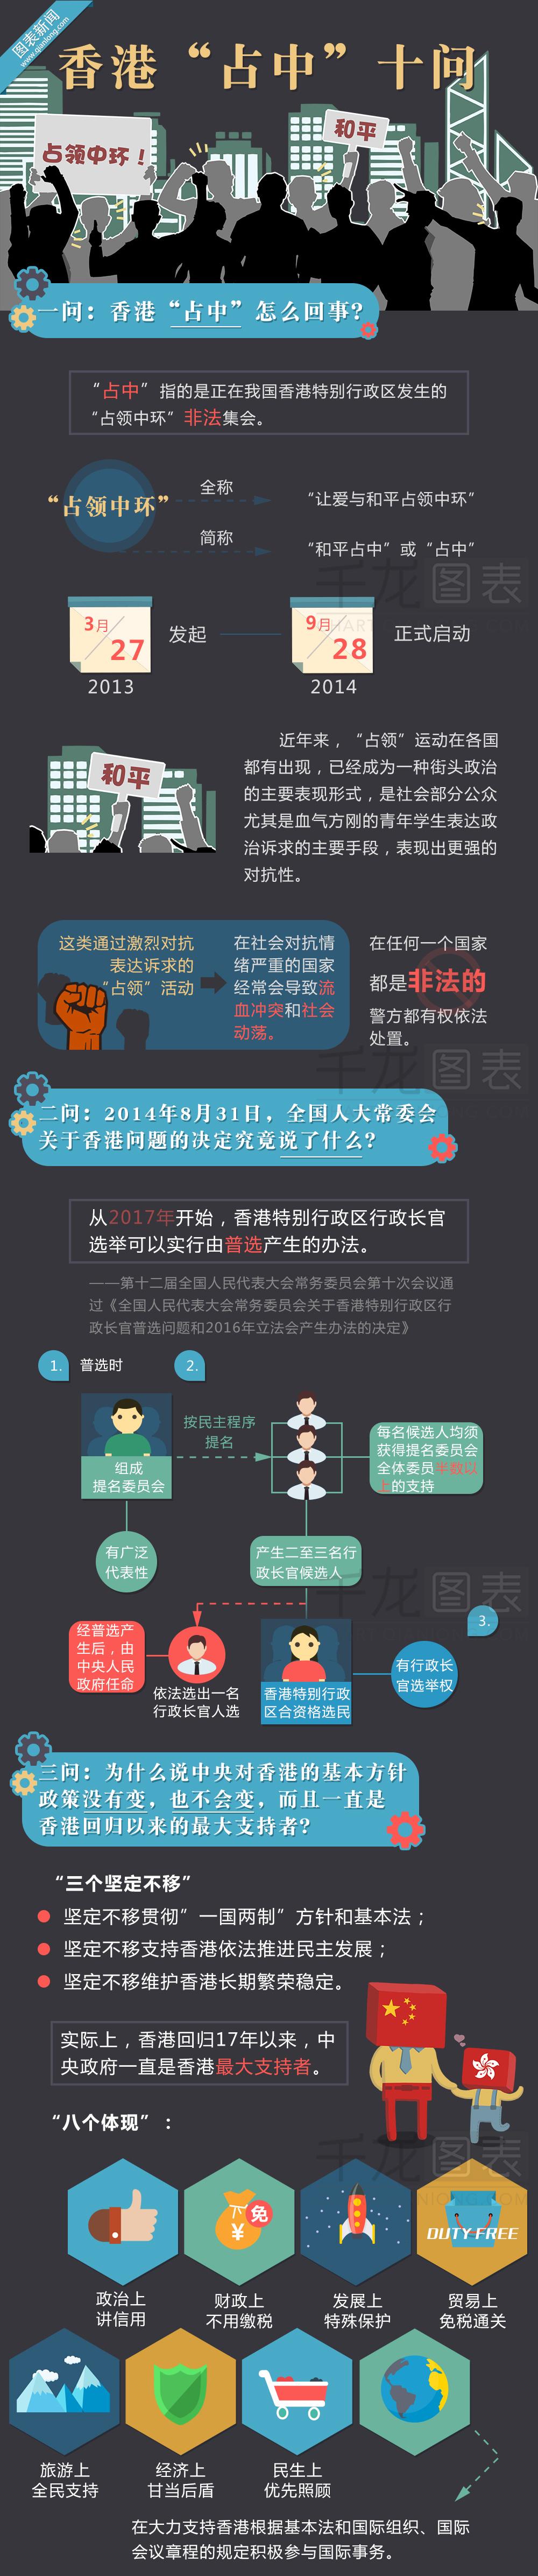 """网上出现香港""""占中""""十问漫画版"""